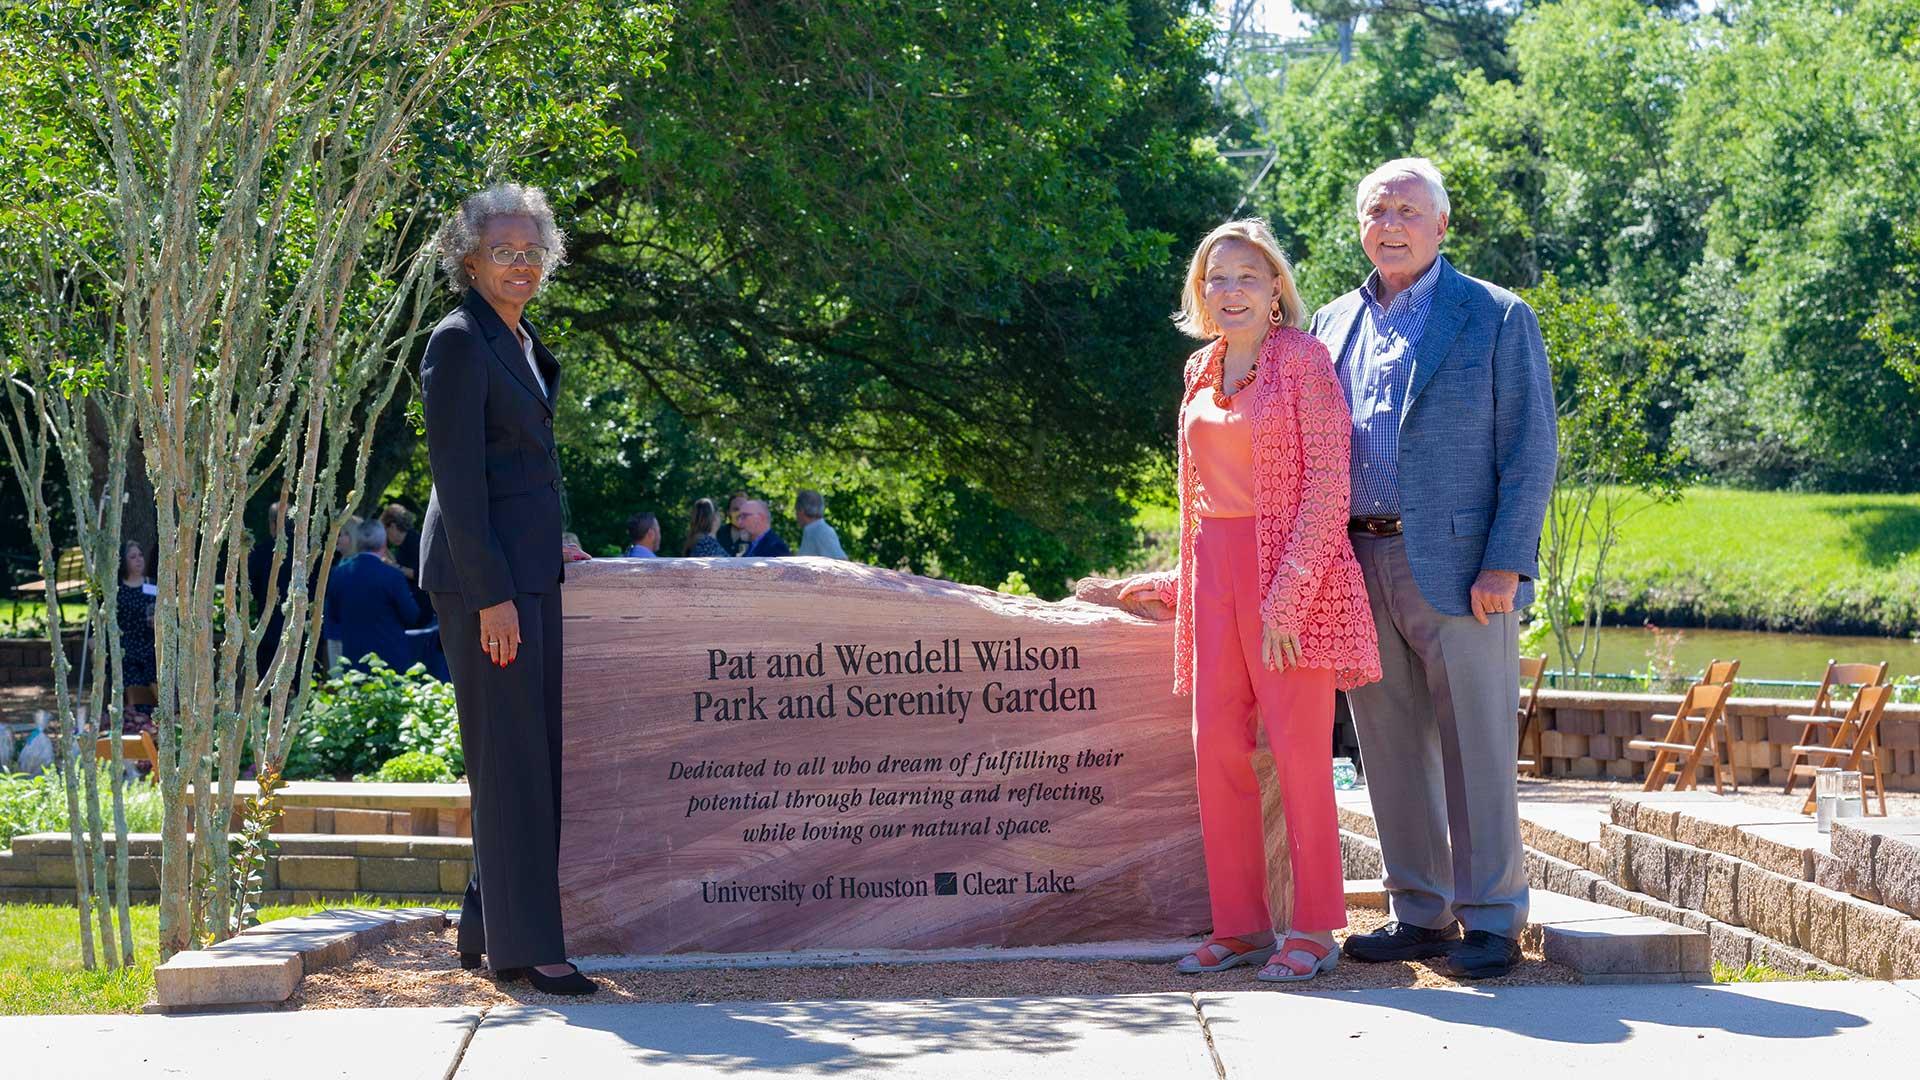 Philanthropists' gift beautifies UHCL's Potter Pond, Wilson Park